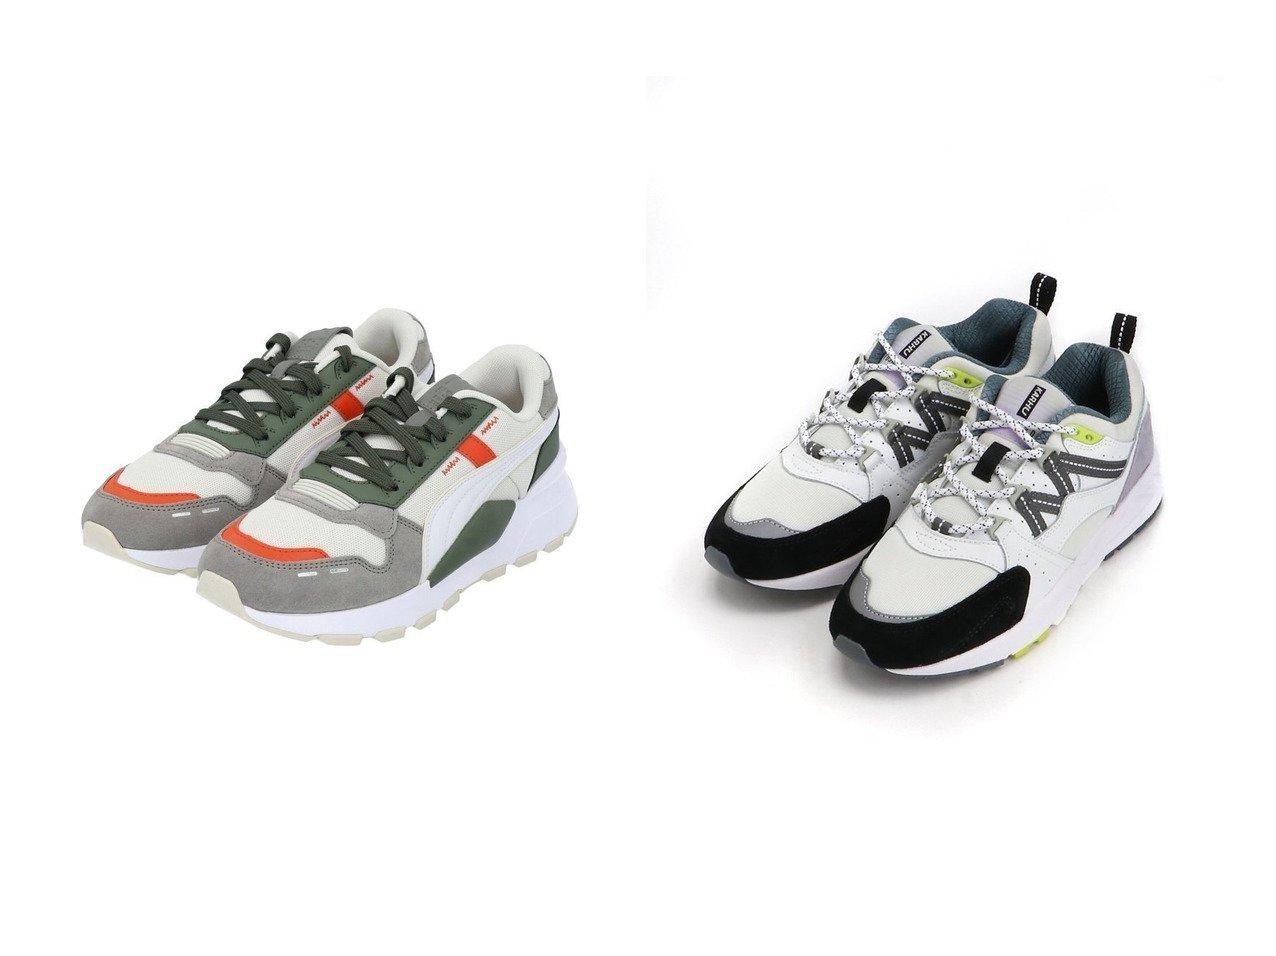 【KARHU/カルフ】のKARHU FUSION2.0 スニーカー&【PUMA/プーマ】のPUMA RS2.ウィンタライズド シューズ・靴のおすすめ!人気、トレンド・レディースファッションの通販  おすすめファッション通販アイテム インテリア・キッズ・メンズ・レディースファッション・服の通販 founy(ファニー)  ファッション Fashion レディースファッション WOMEN 2020年 2020 2020-2021 秋冬 A/W AW Autumn/Winter / FW Fall-Winter 2020-2021 A/W 秋冬 AW Autumn/Winter / FW Fall-Winter アクセサリー シューズ シンプル スニーカー スポーツ スリッポン パフォーマンス ボトム ランニング ワイド 人気 レッド系 Red |ID:crp329100000009848